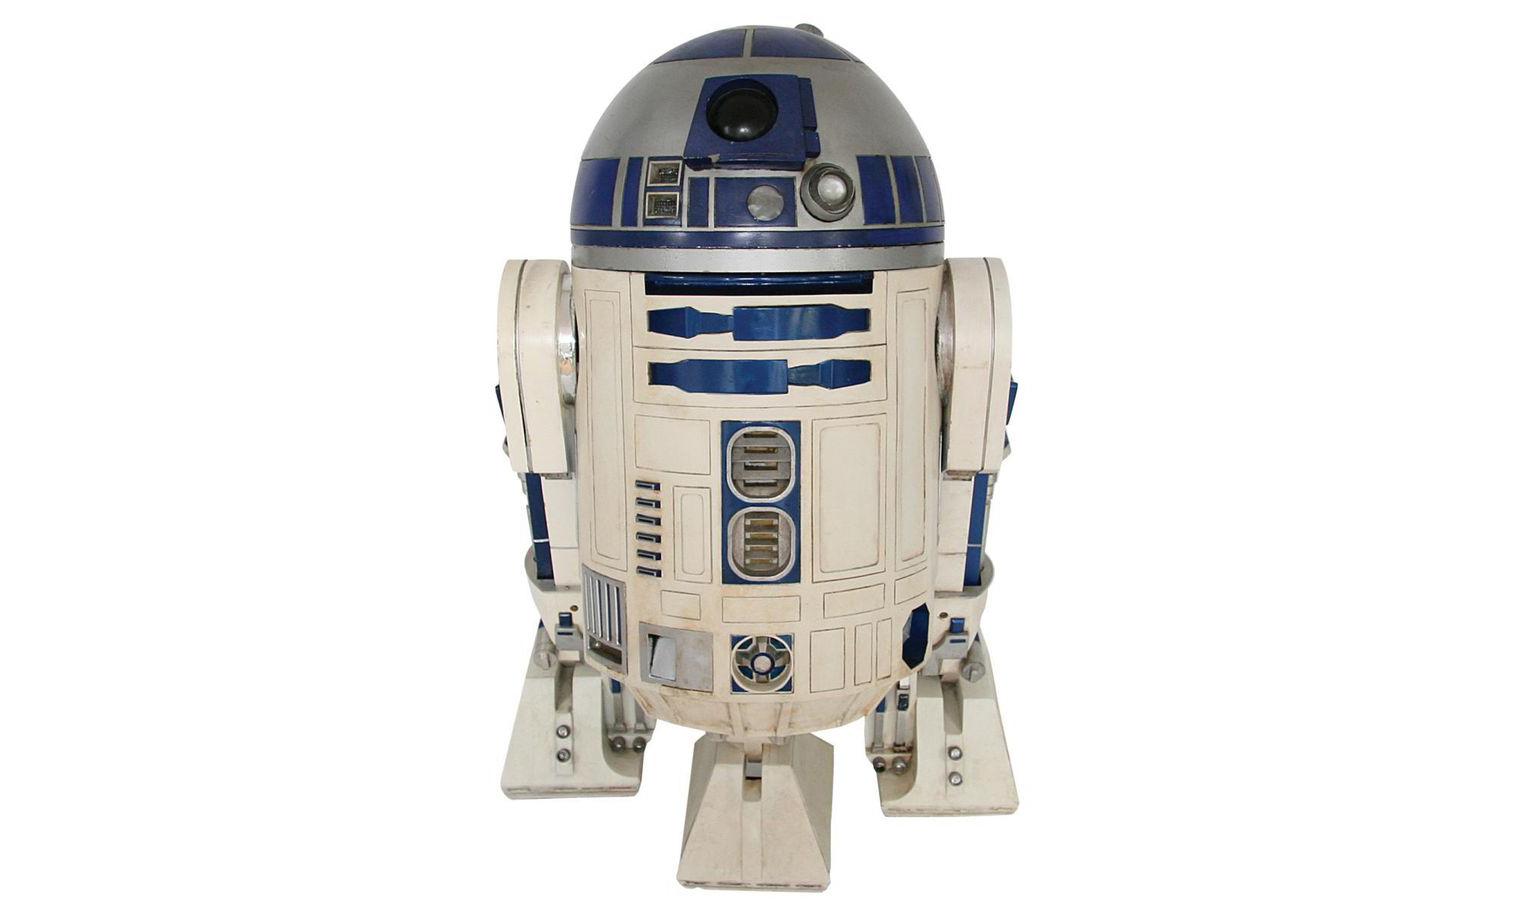 拍摄过《星战》三部曲的 R2-D2,最终拍出千万天价